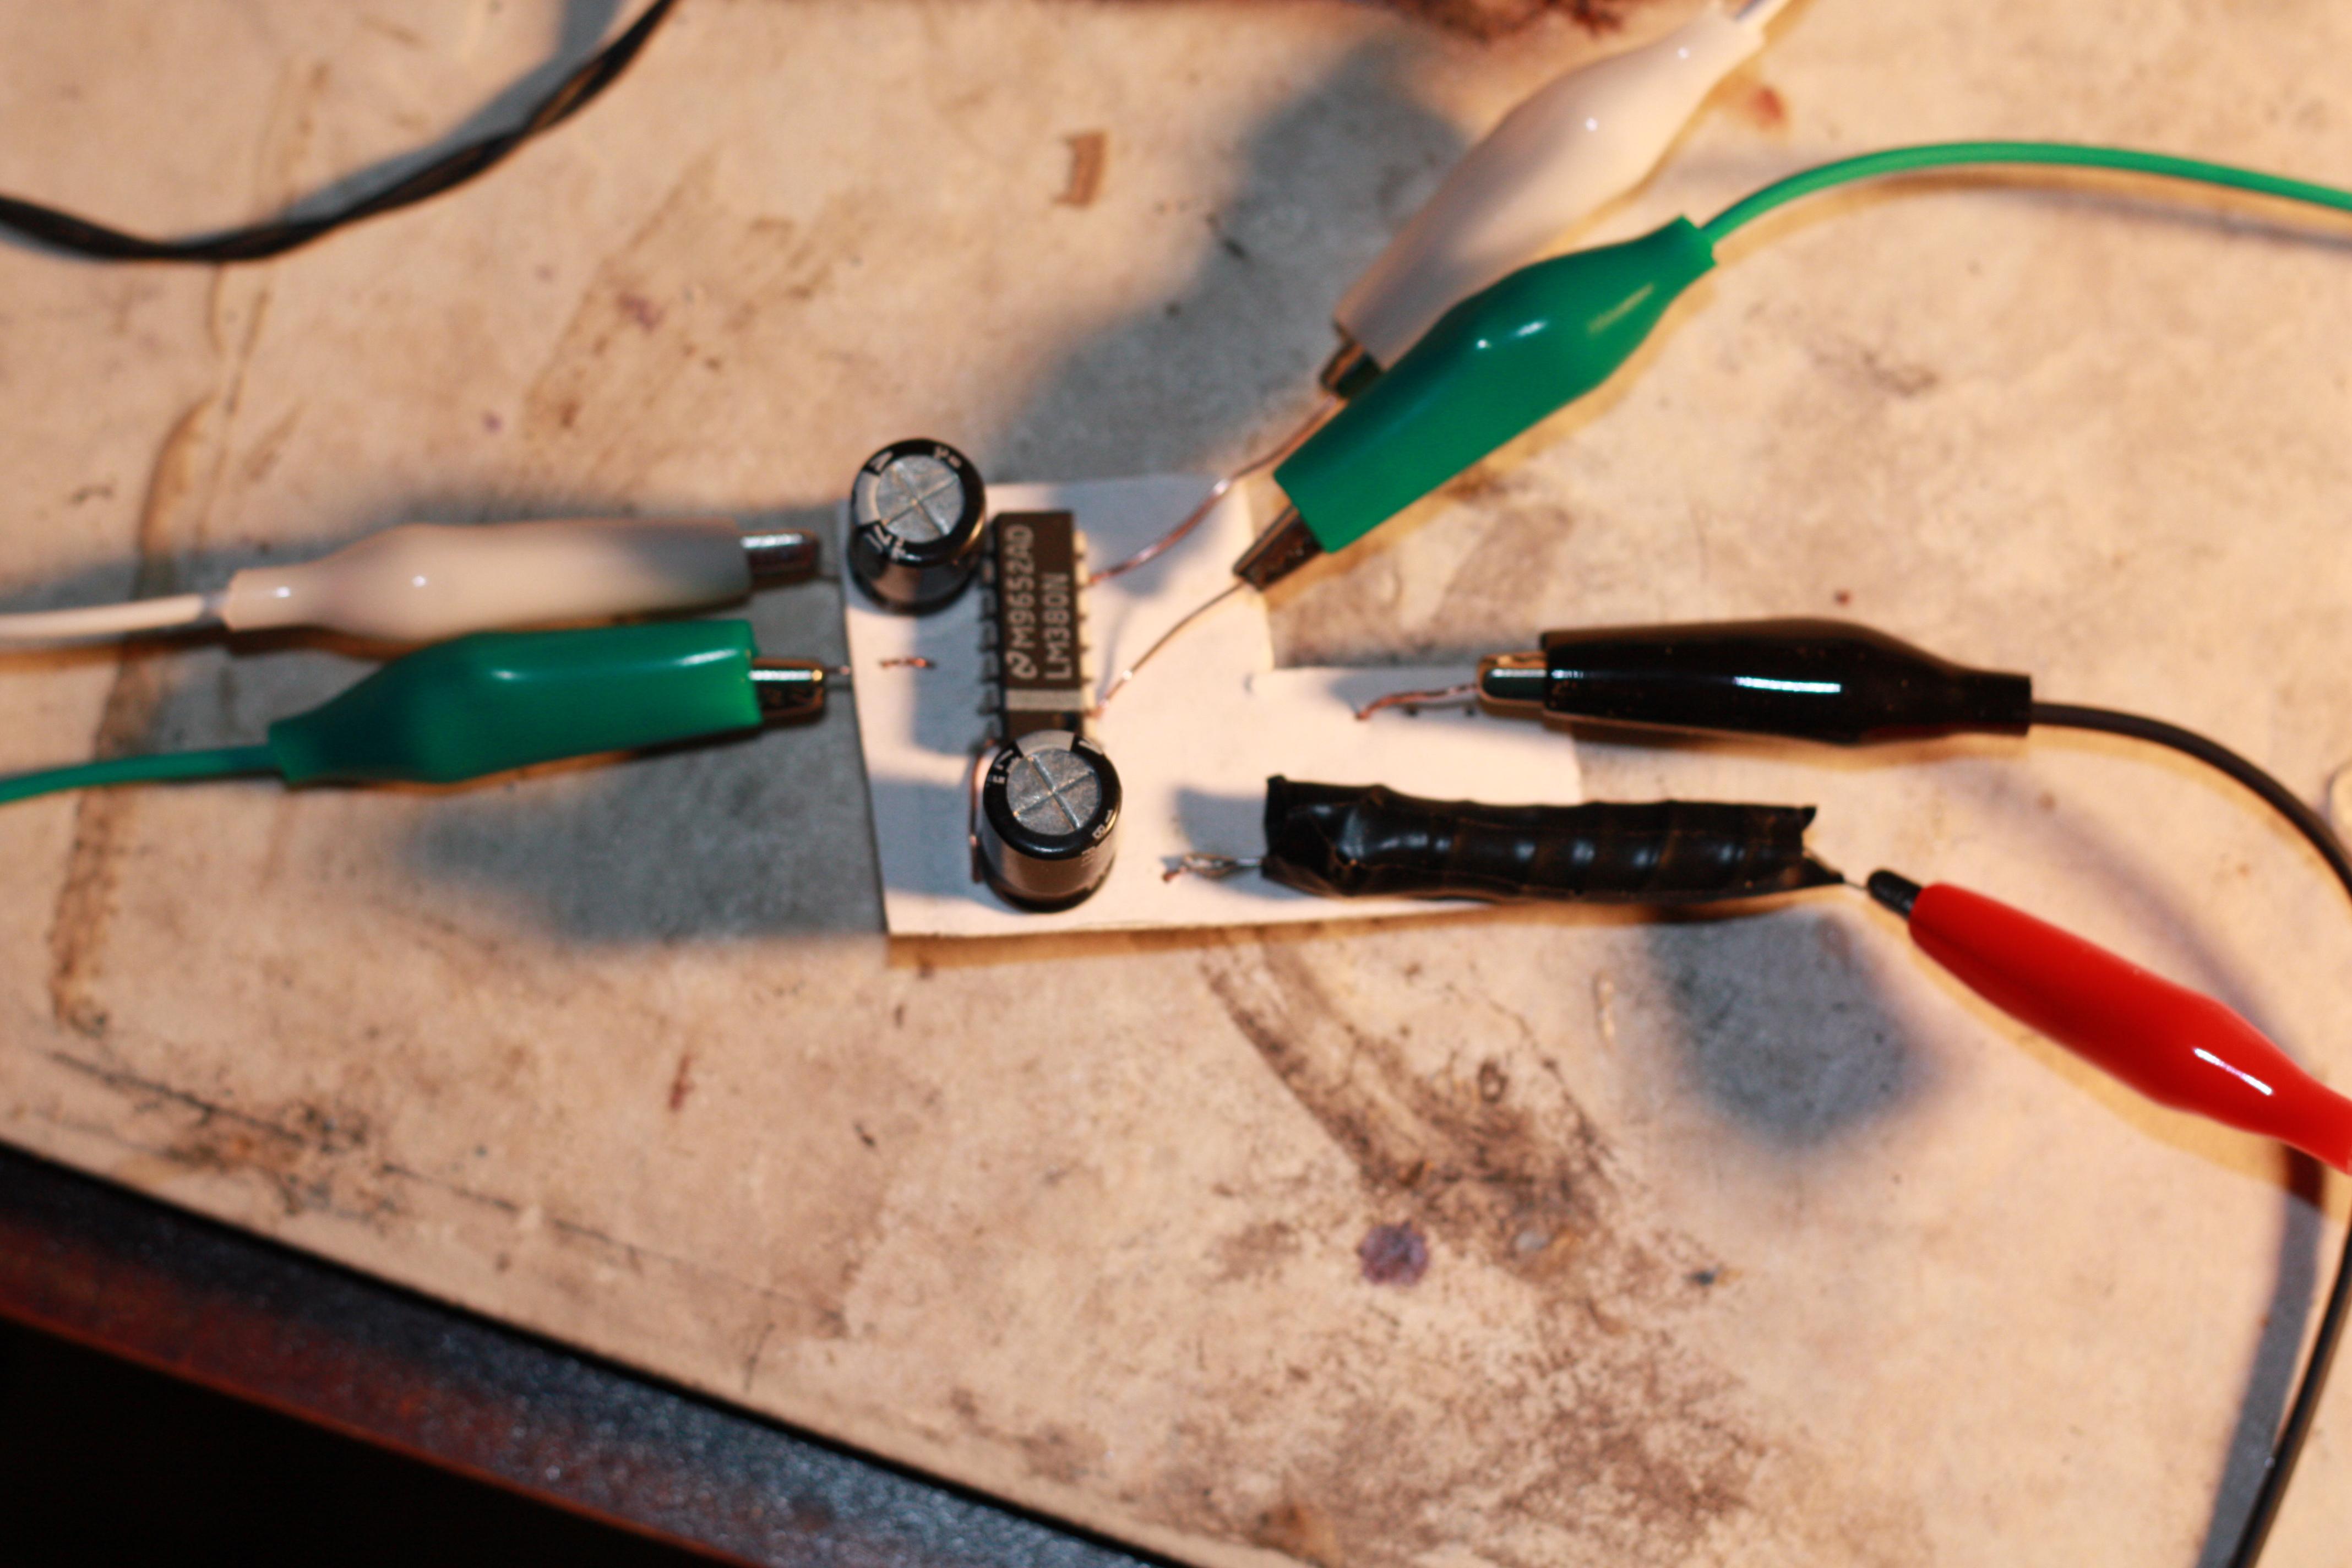 2 Watt LM380 Chip Amp